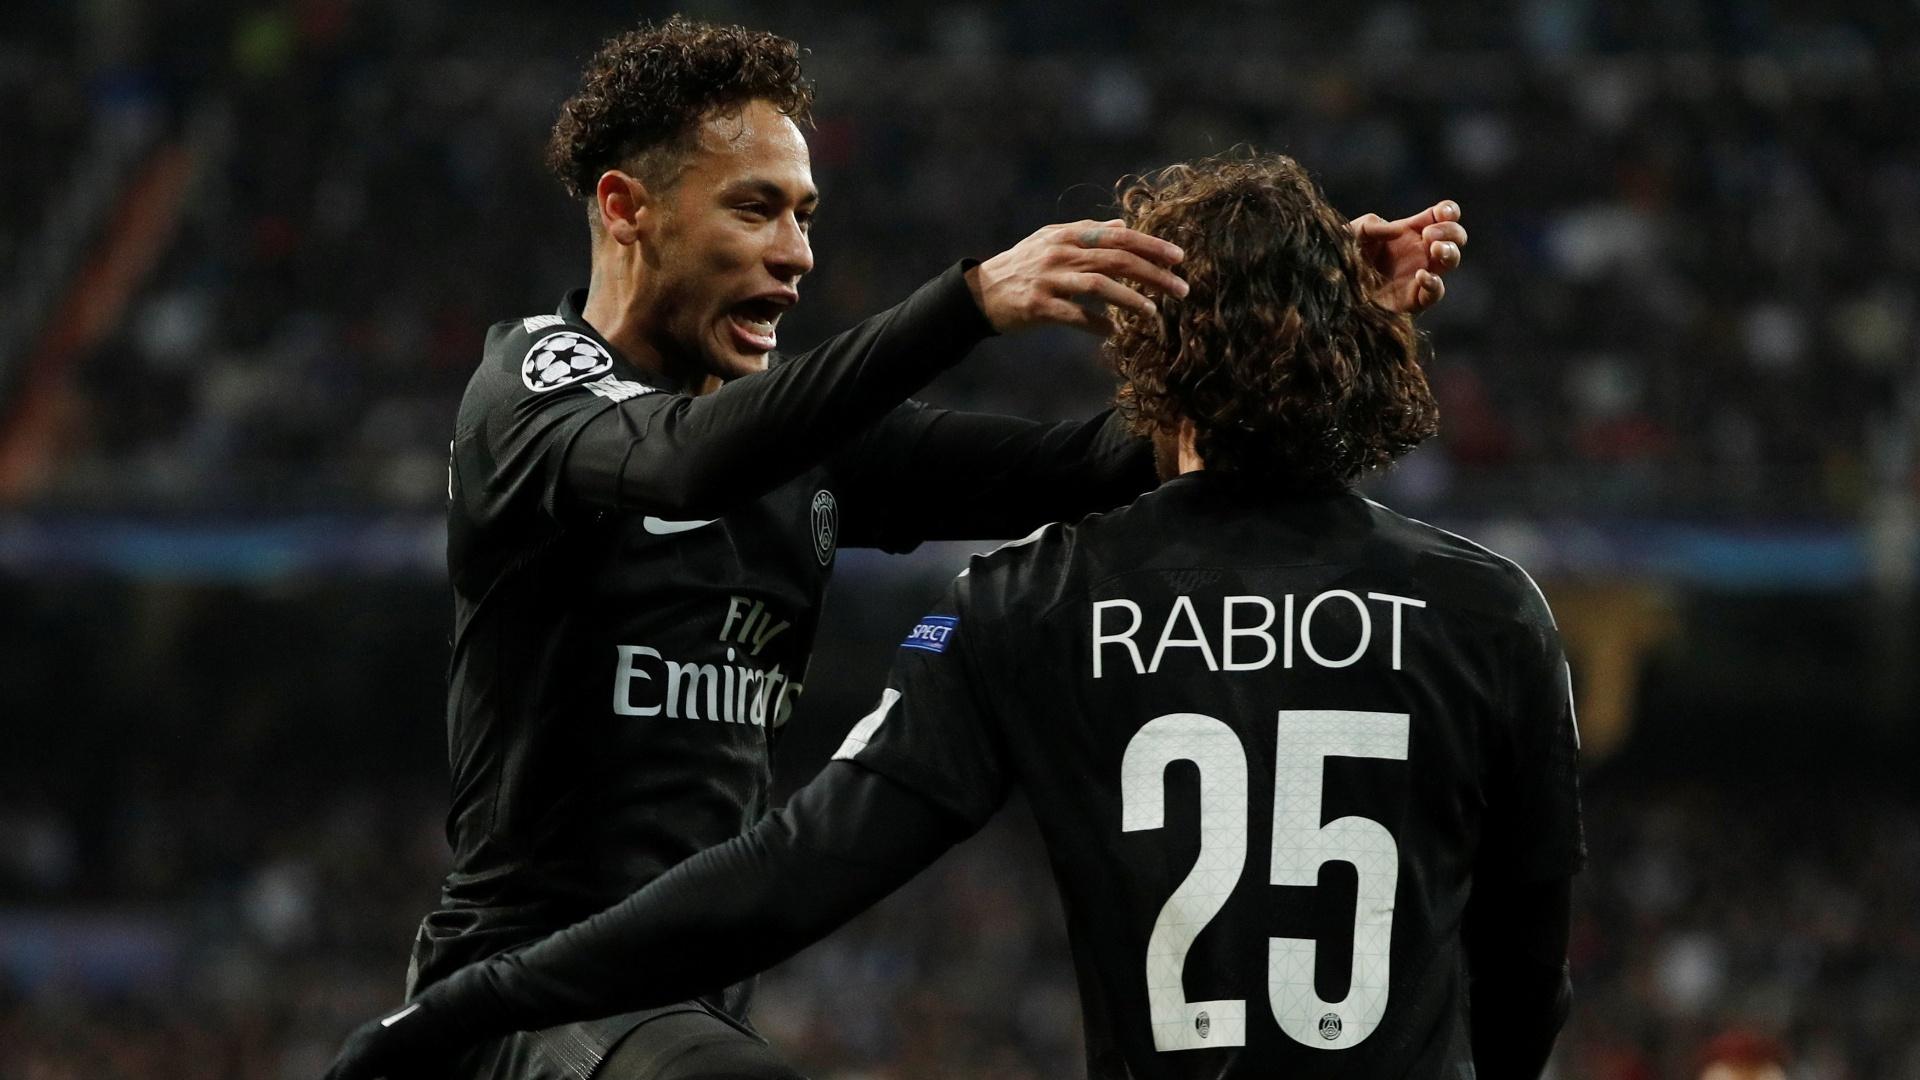 Neymar comemora com Rabiot o gol que inaugurou o placar da partida